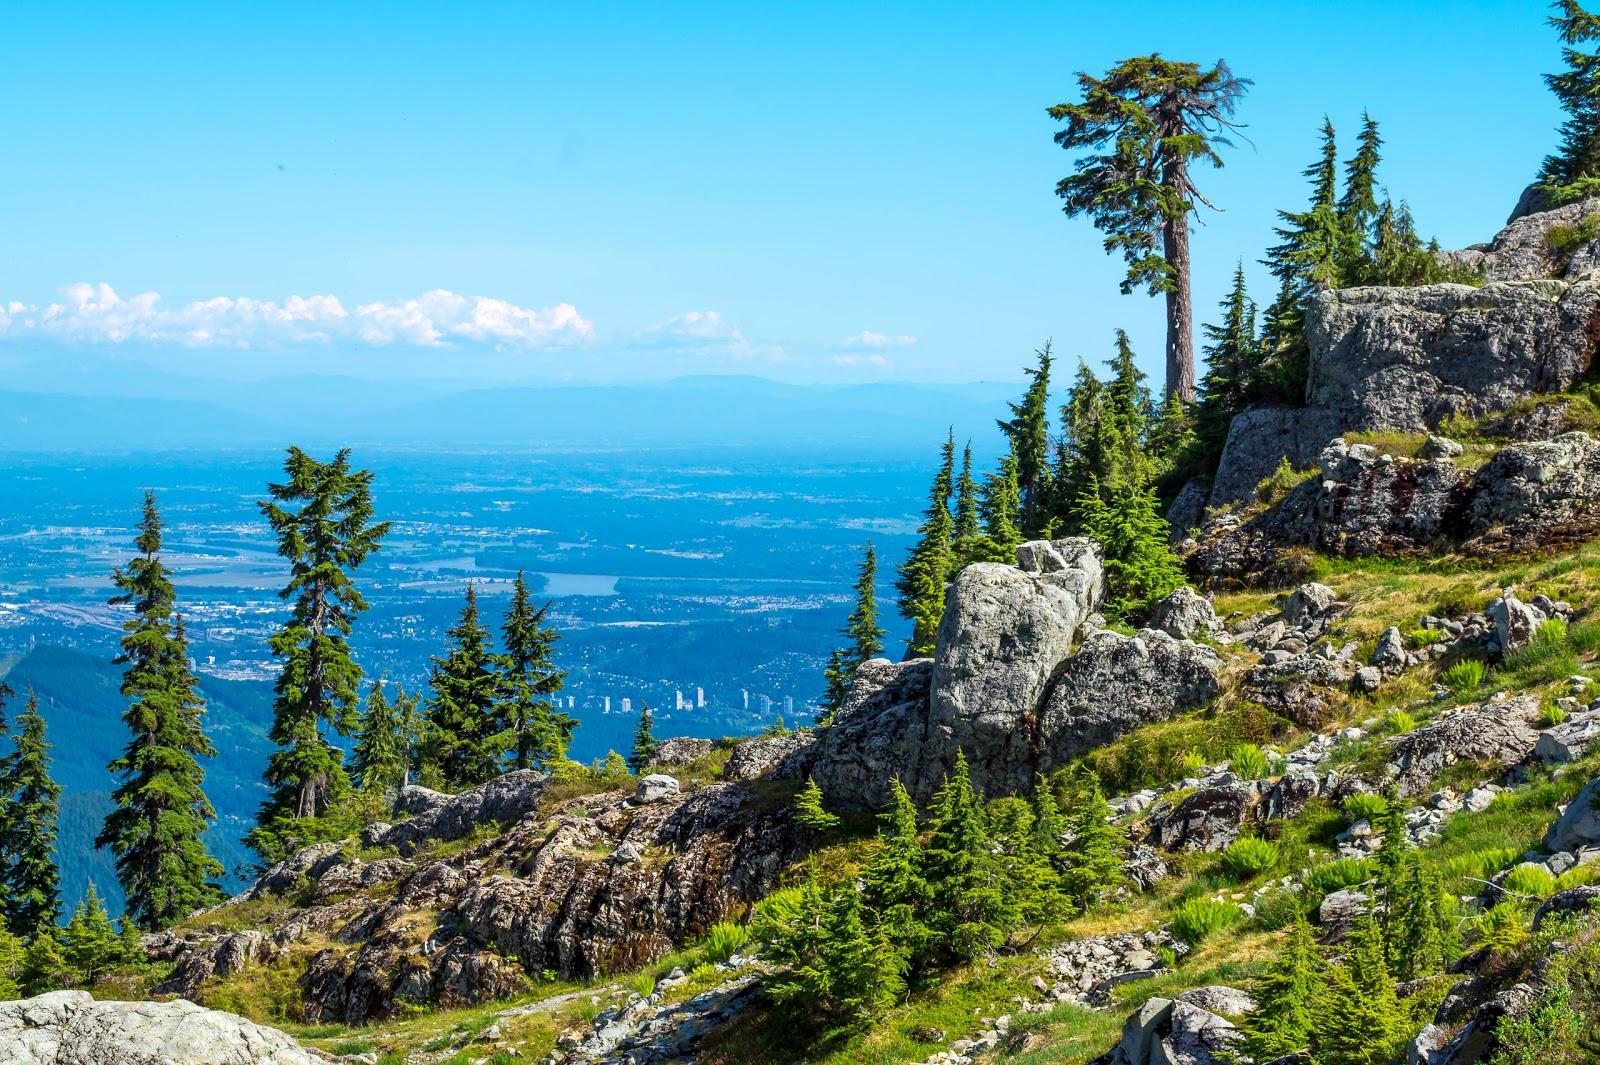 виды на Ванкувер и на долину реки Фрейзер